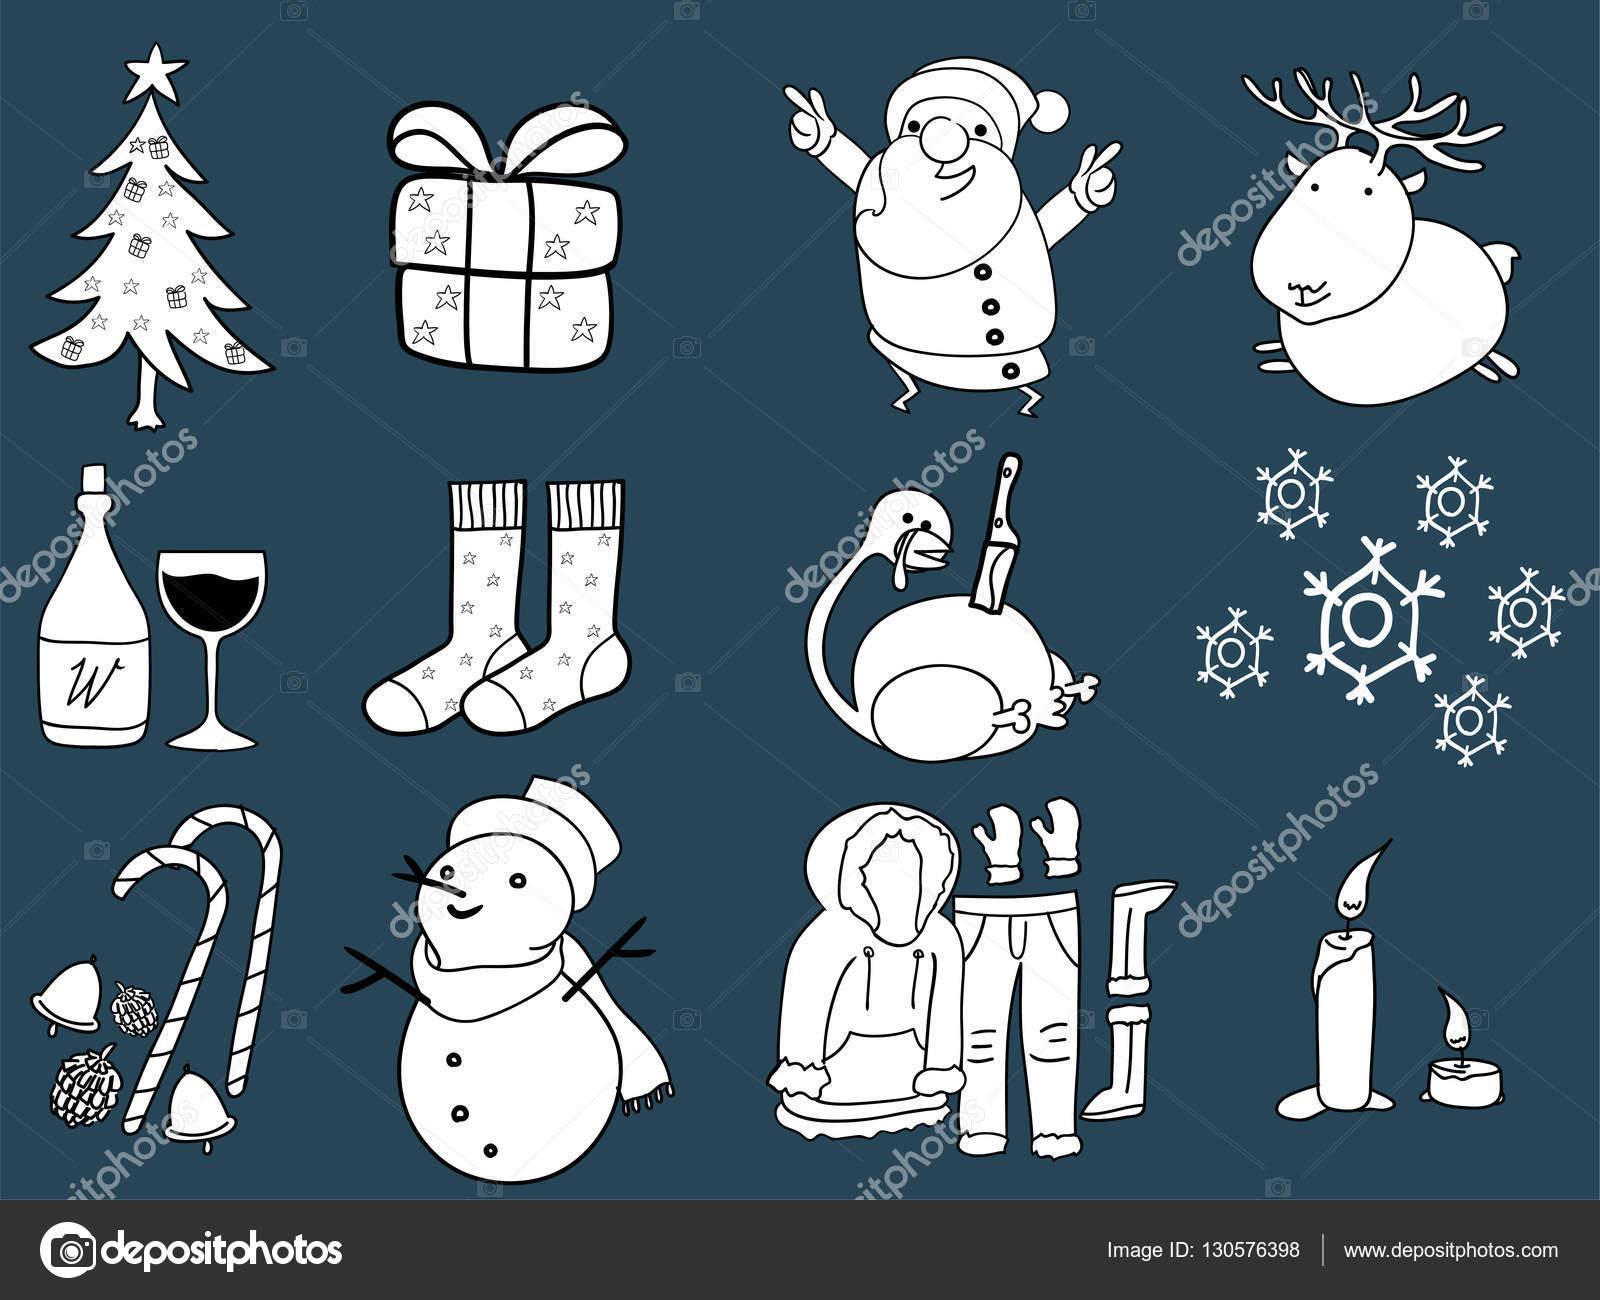 schöne Illustration Grafik-Design von Weihnachten, 12 Dinge von ...